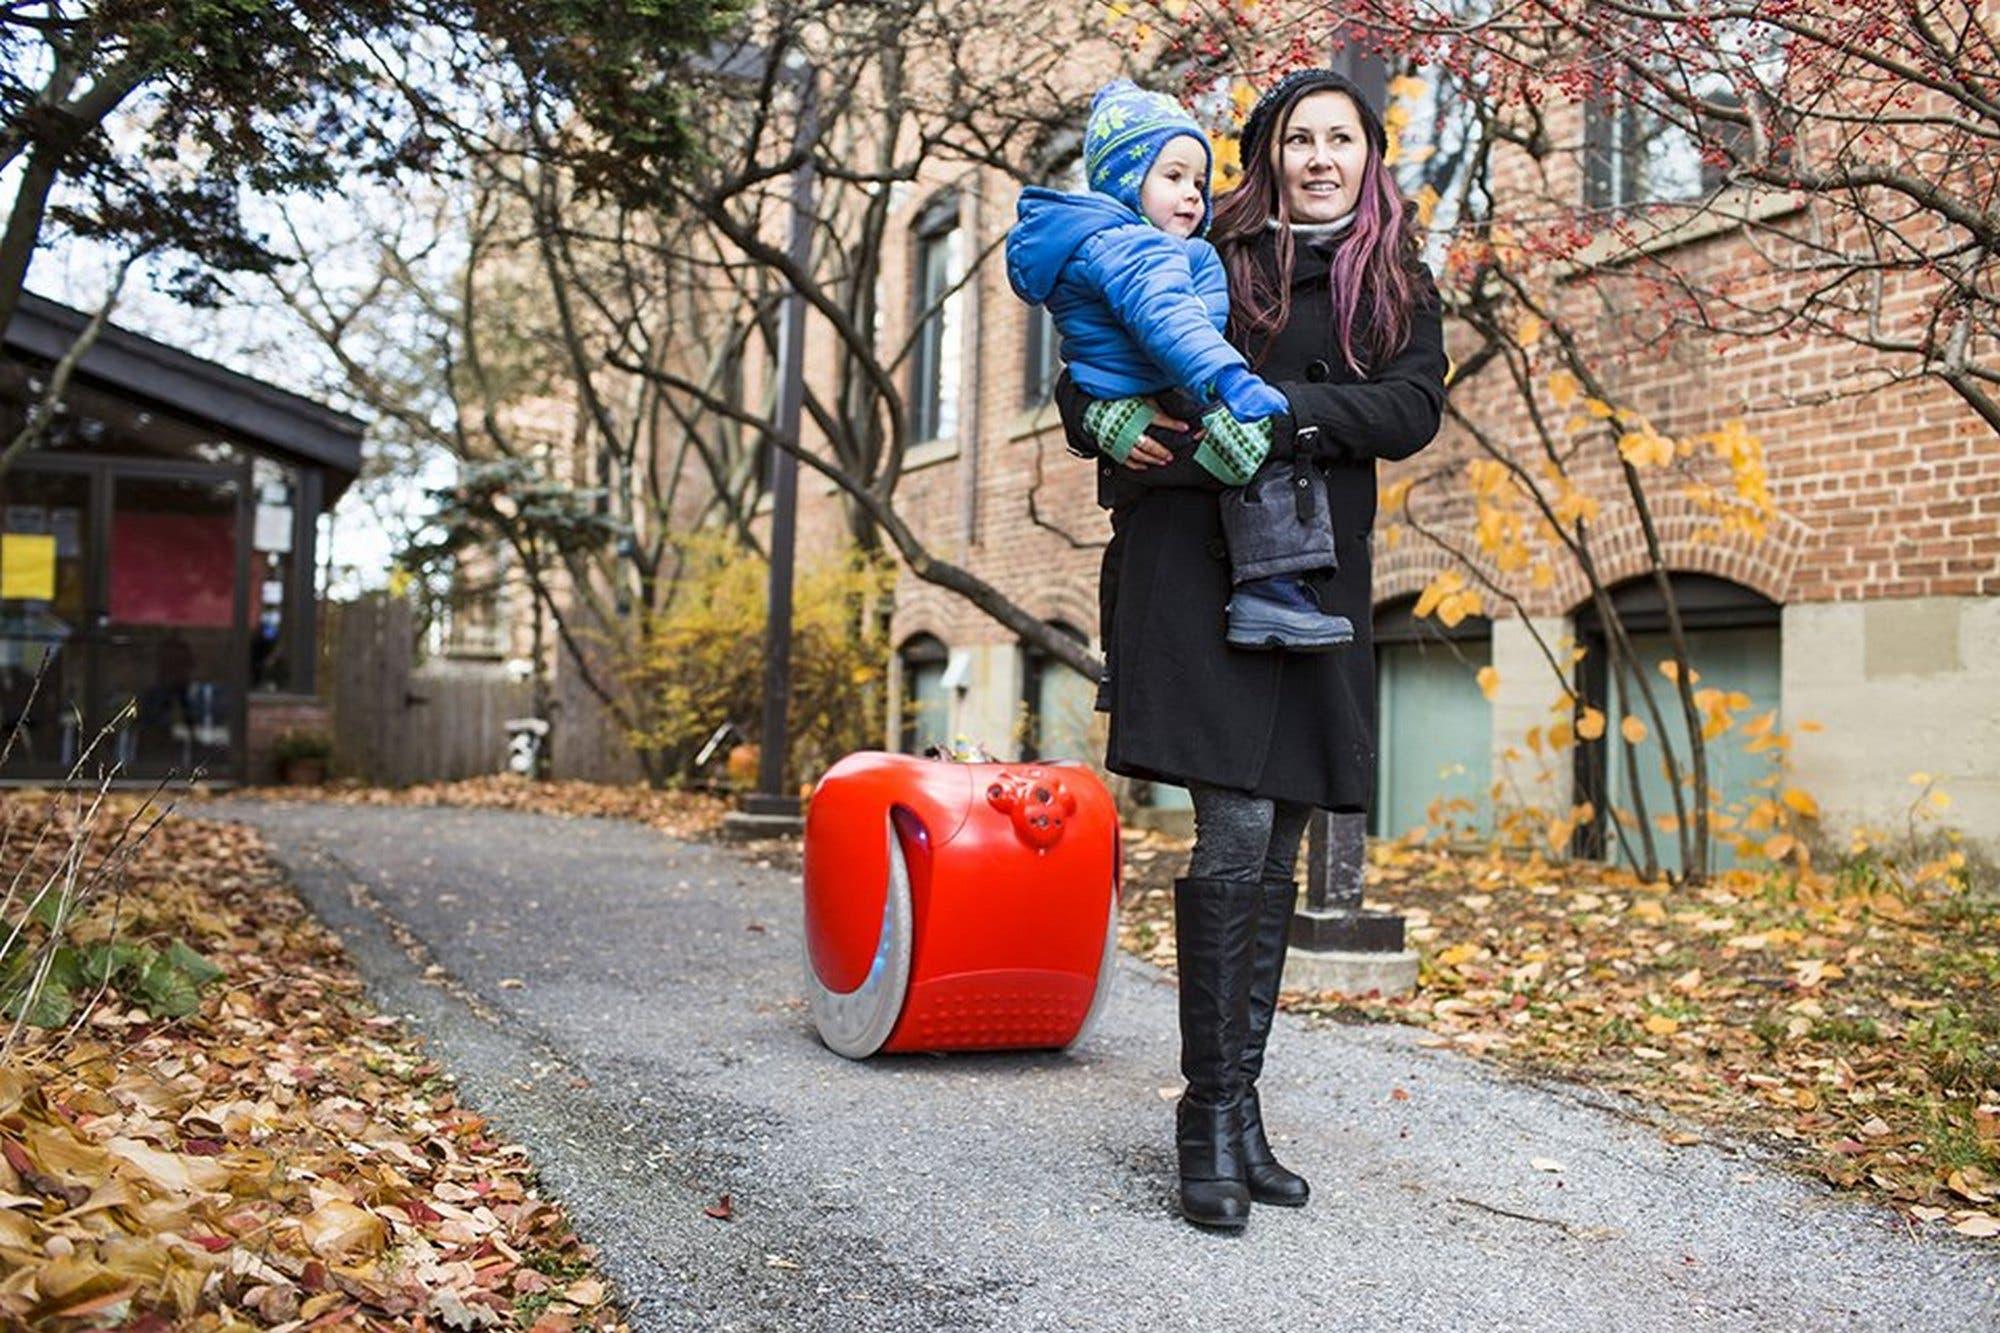 Este es Gita, el robot que te lleva las compras del supermercado por 3250 dólares